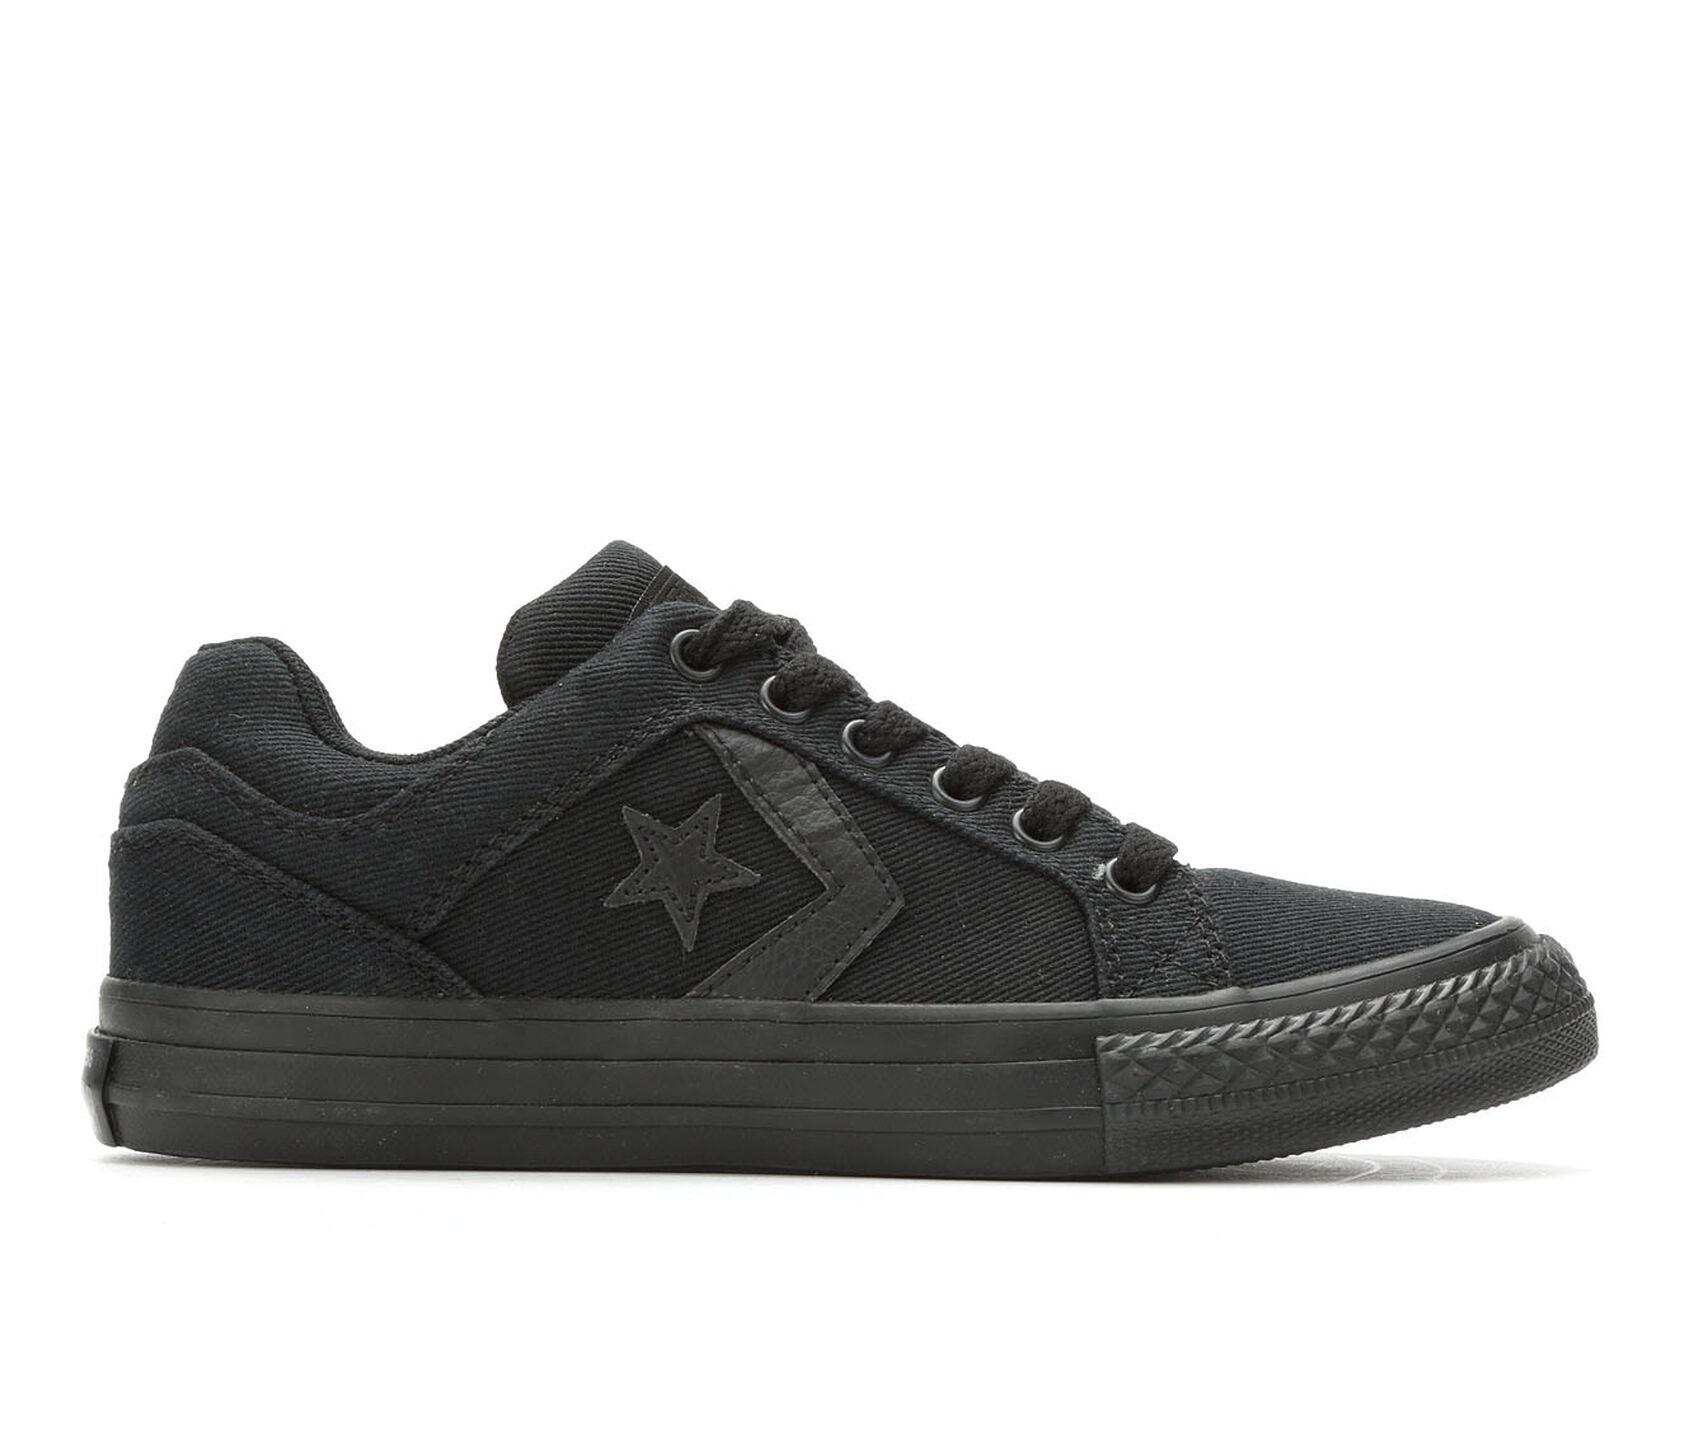 fe0891e2abe1 Kids  Converse Little Kid El Distrito Ox Sneakers